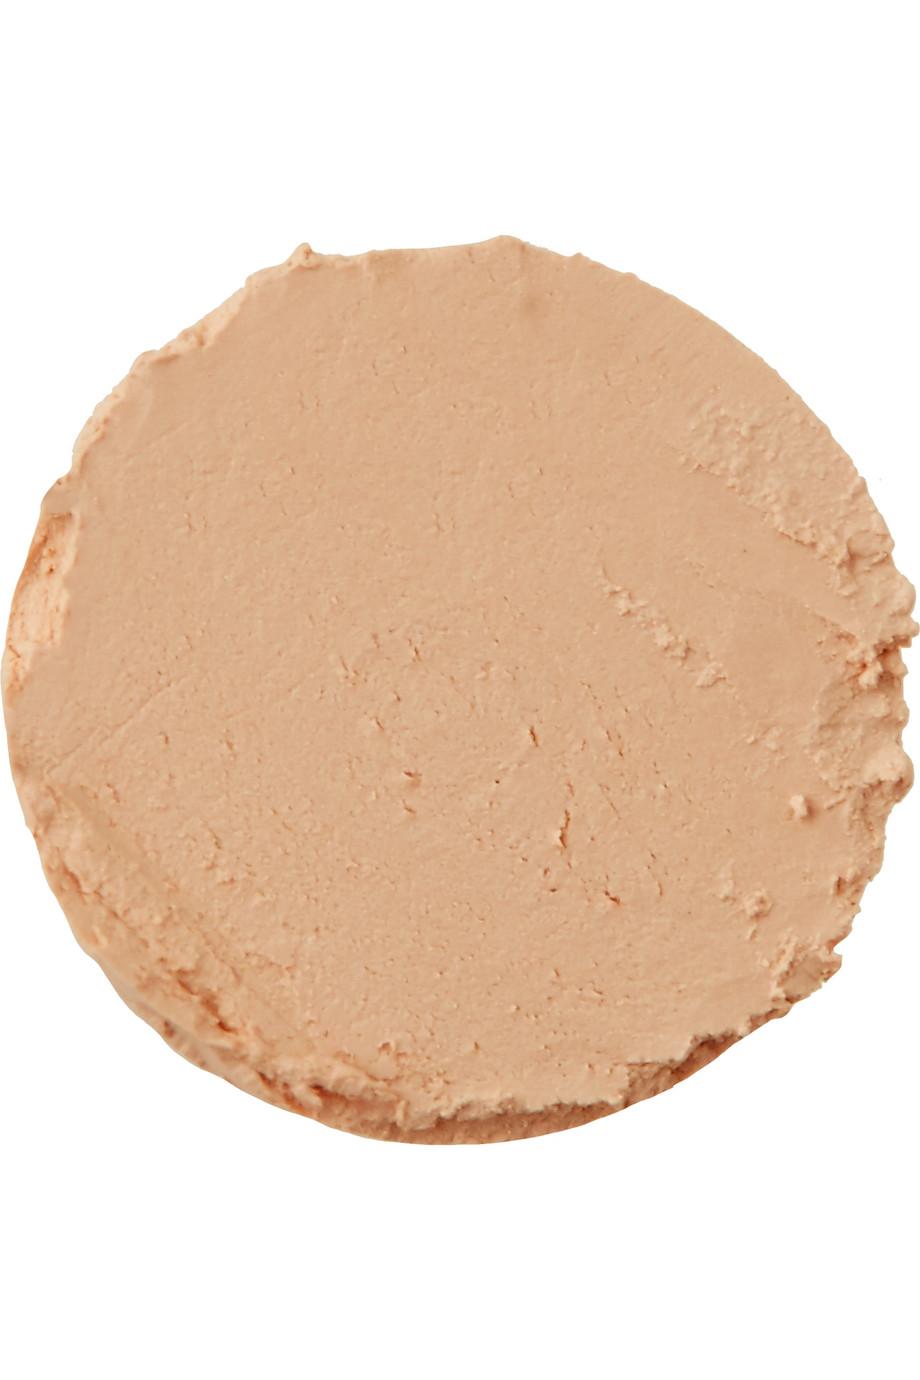 Surratt Beauty Surreal Skin Concealer – 03 – Concealer